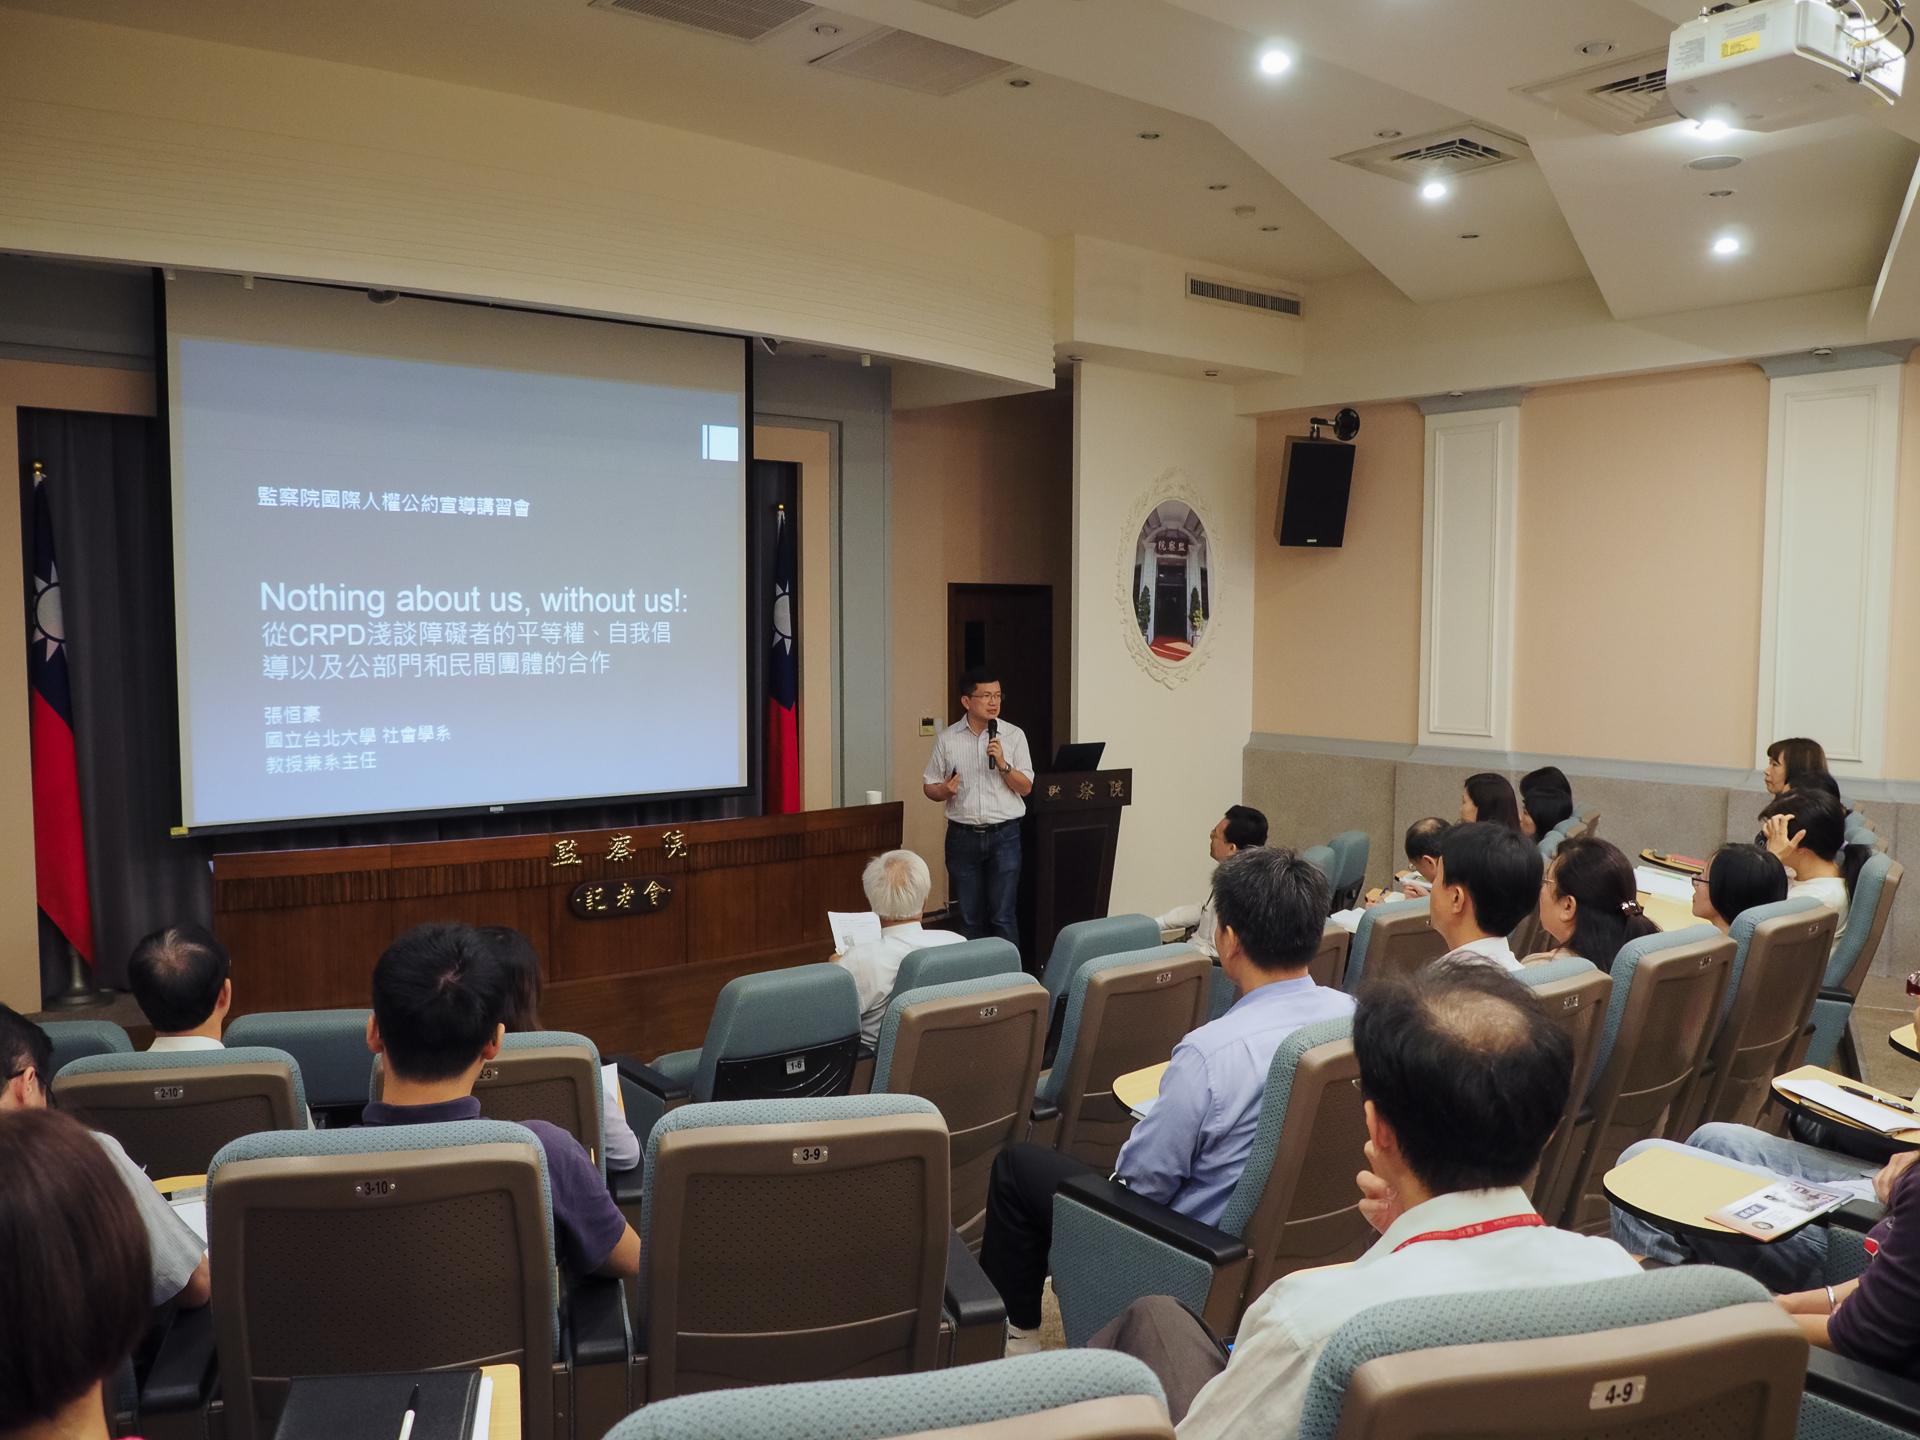 臺北大學張恒豪教授談身心障礙者人權保障